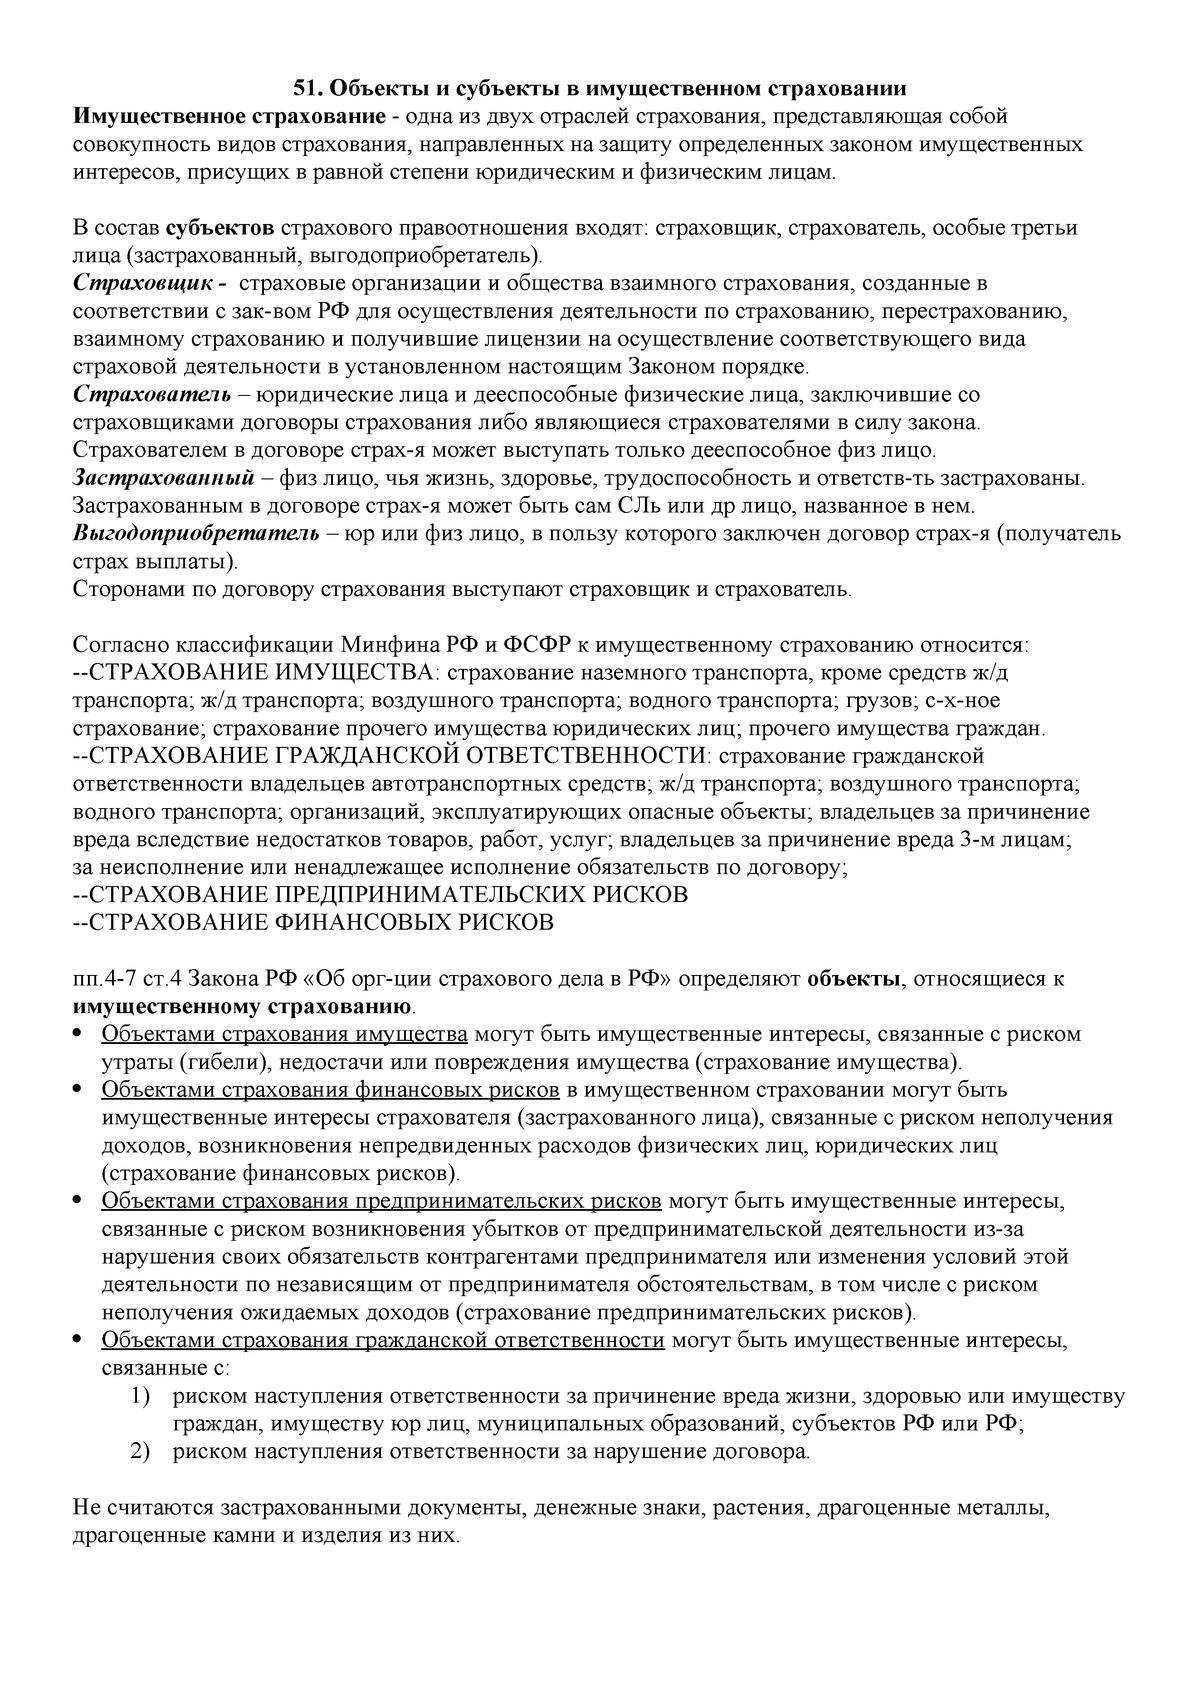 закон о страховании ст 4